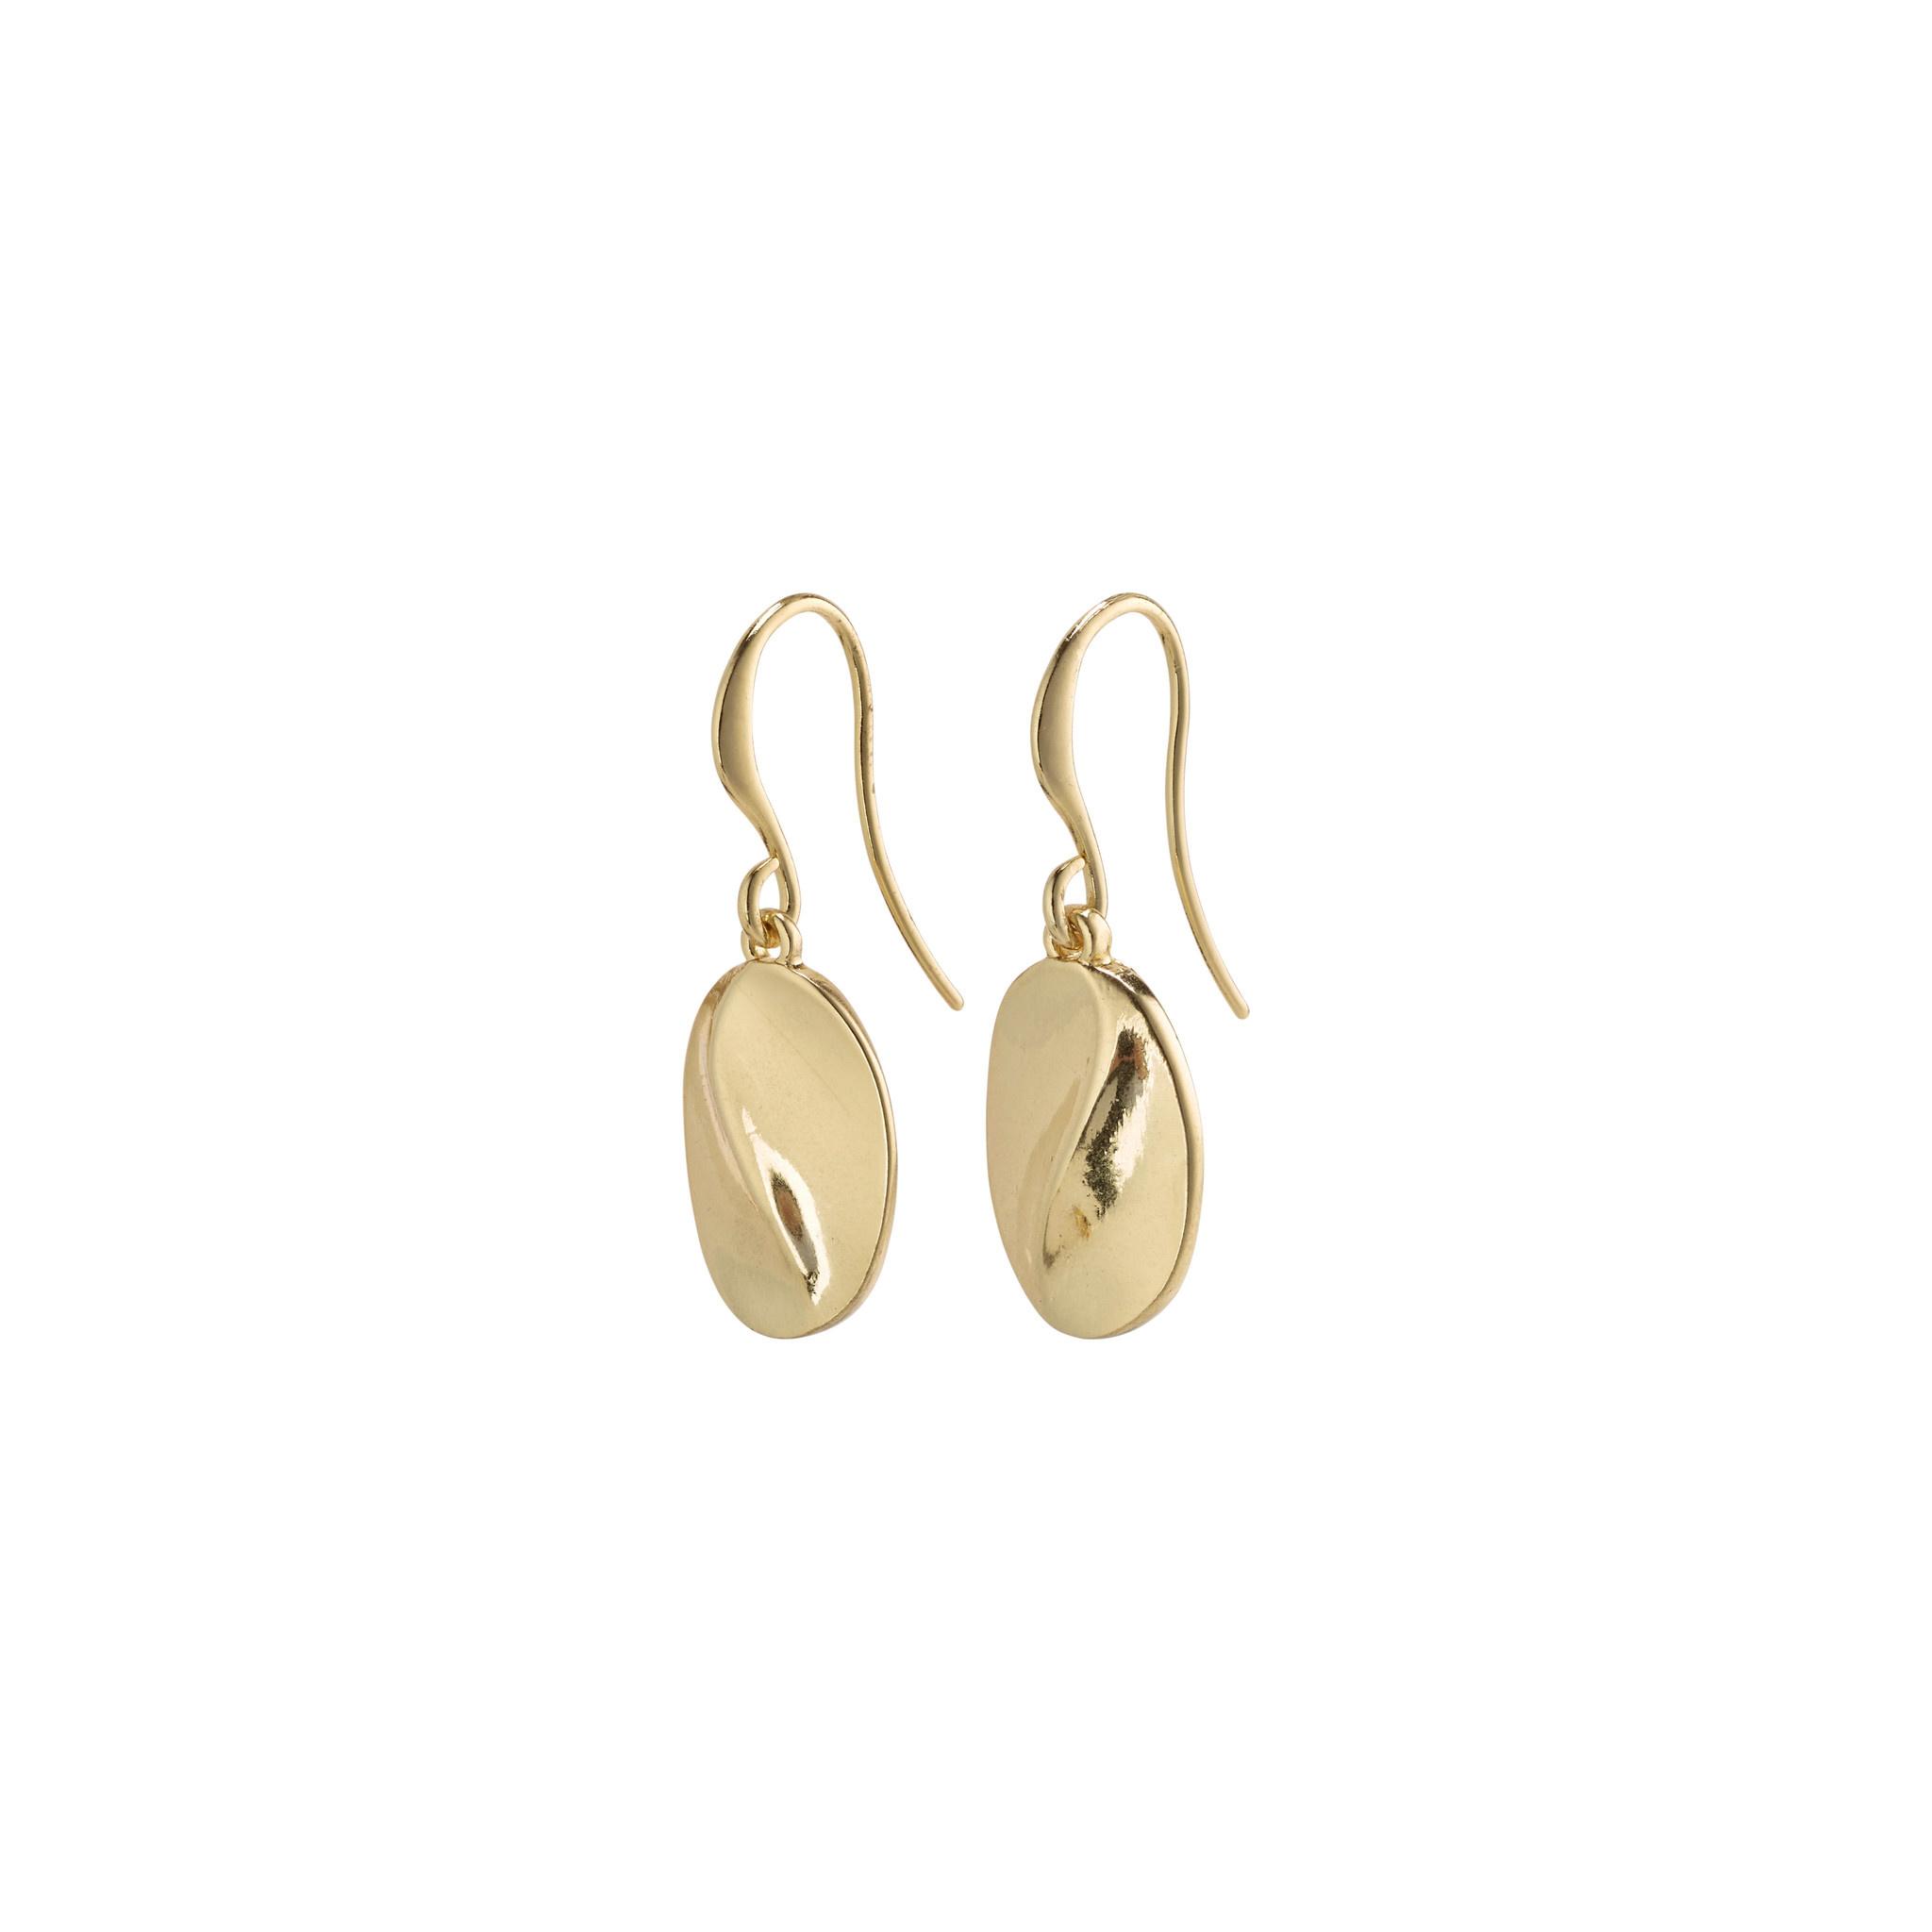 Pilgrim Earring Mabelle Gold Plated - 622032003